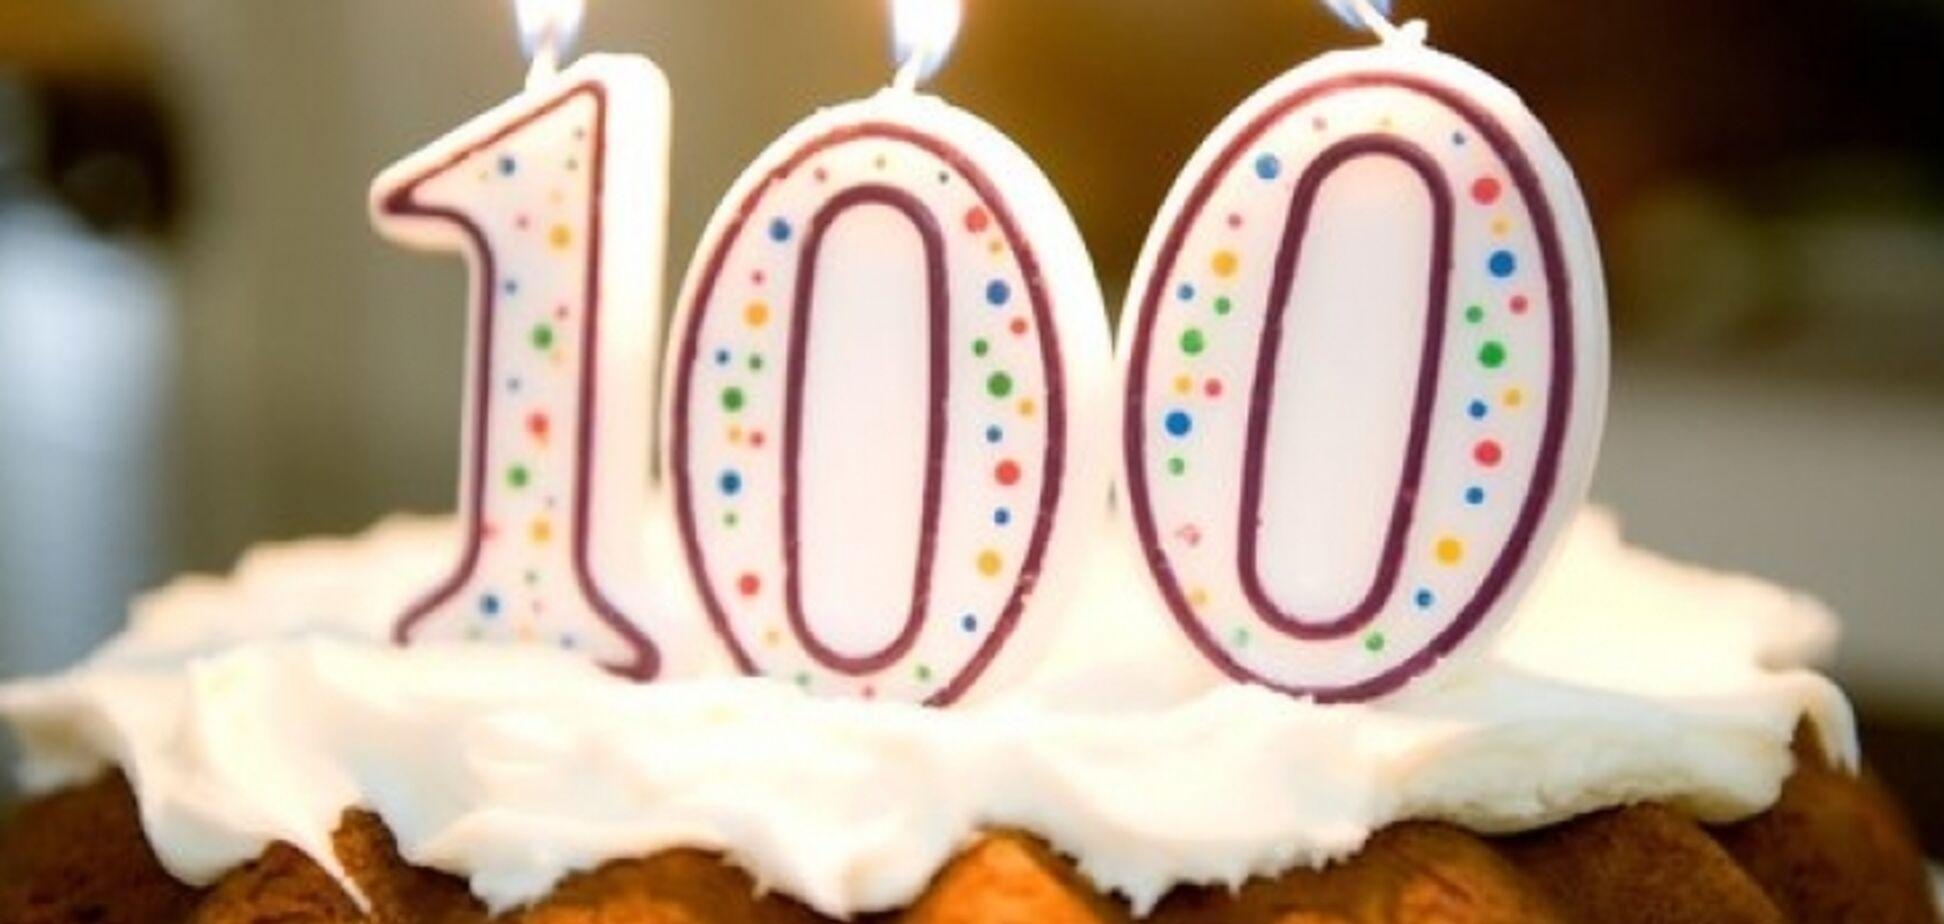 Как дожить до 100 лет: что есть и что делать